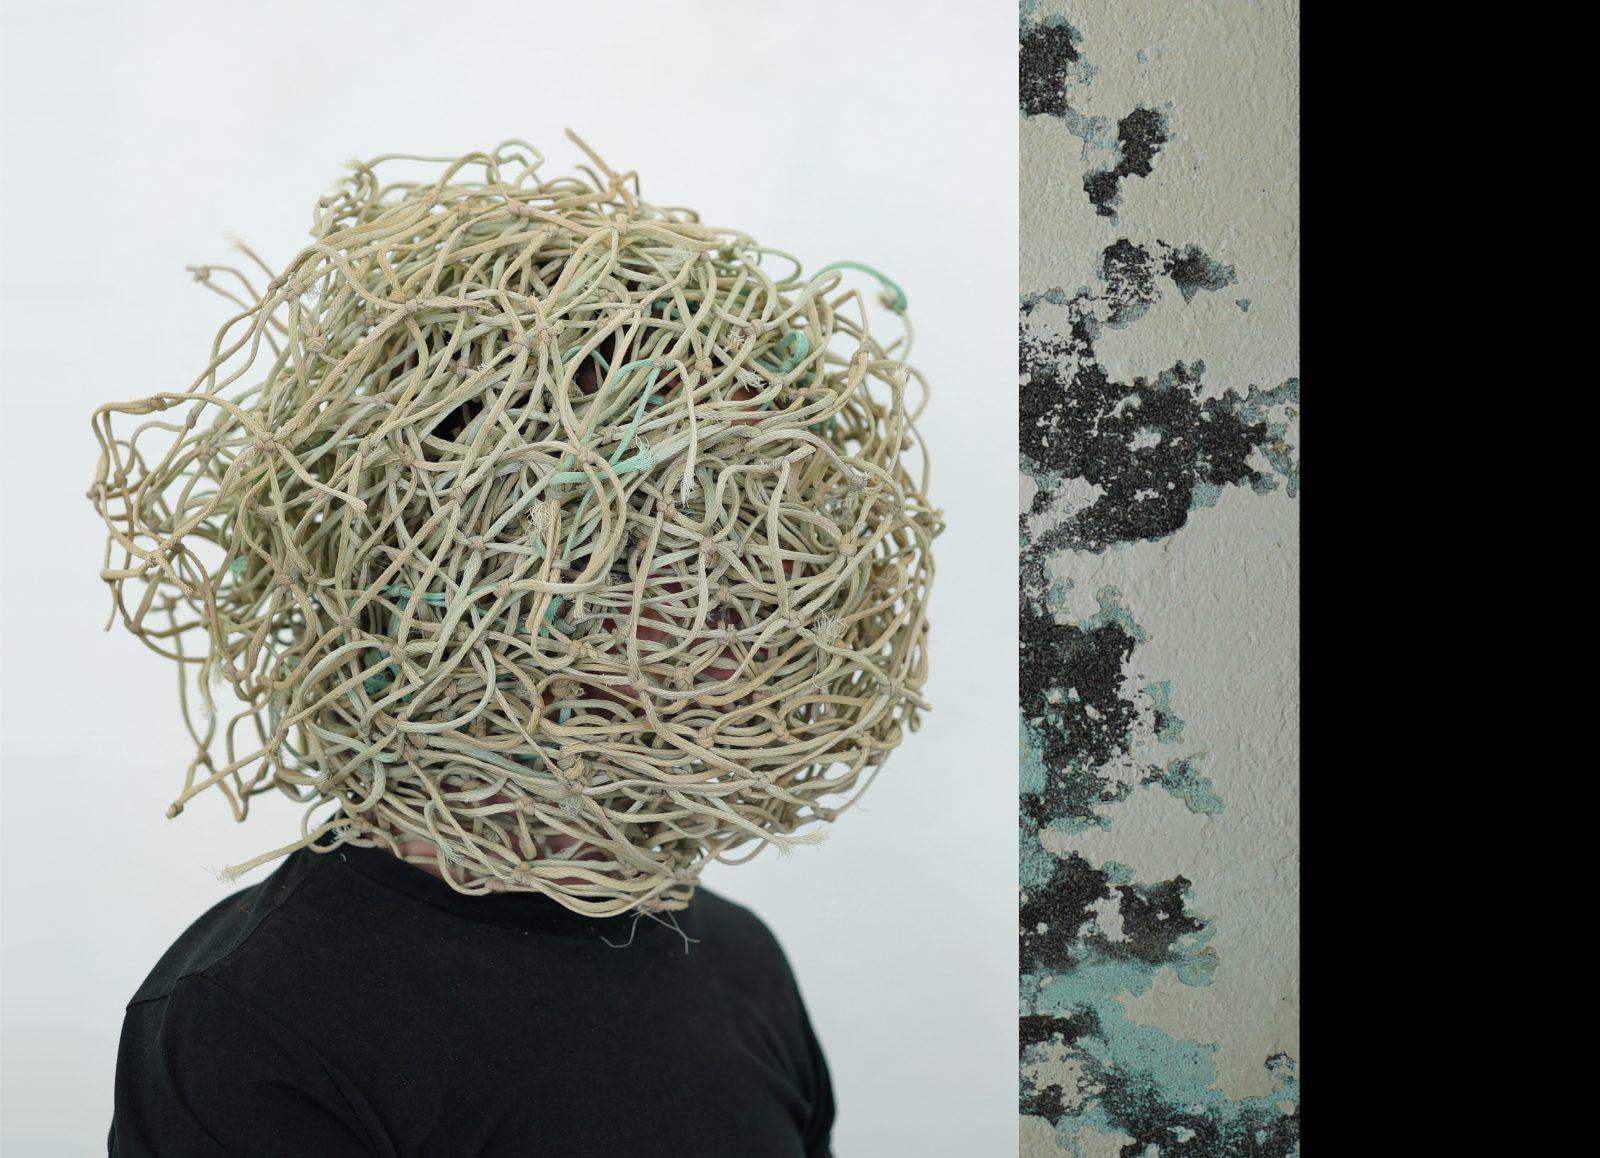 NÖ Waldviertel Galerie Kunst - Lisa Weber & Markus Walenzyk